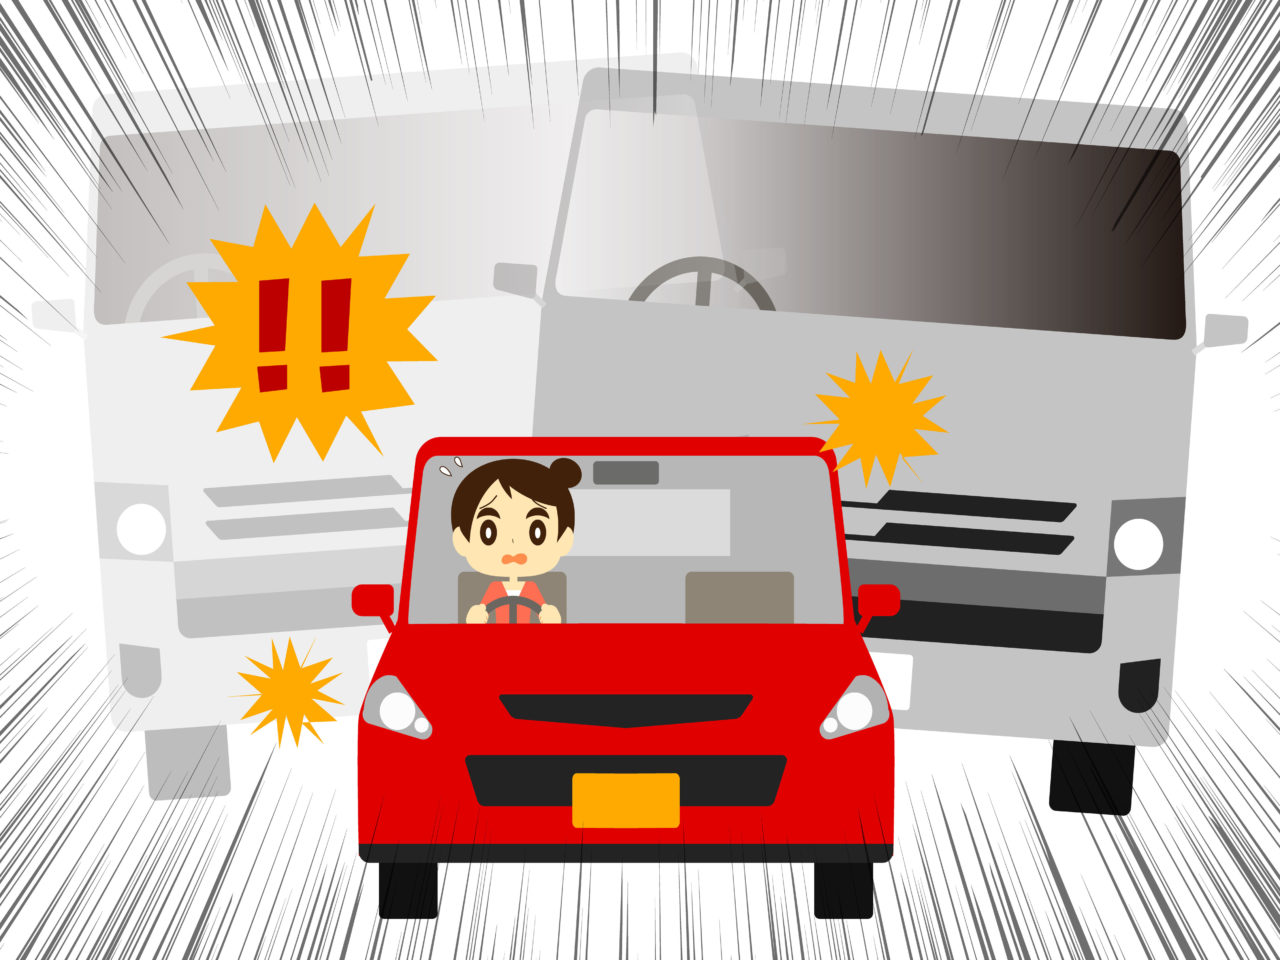 突風を受けるミニカーを運転する女性